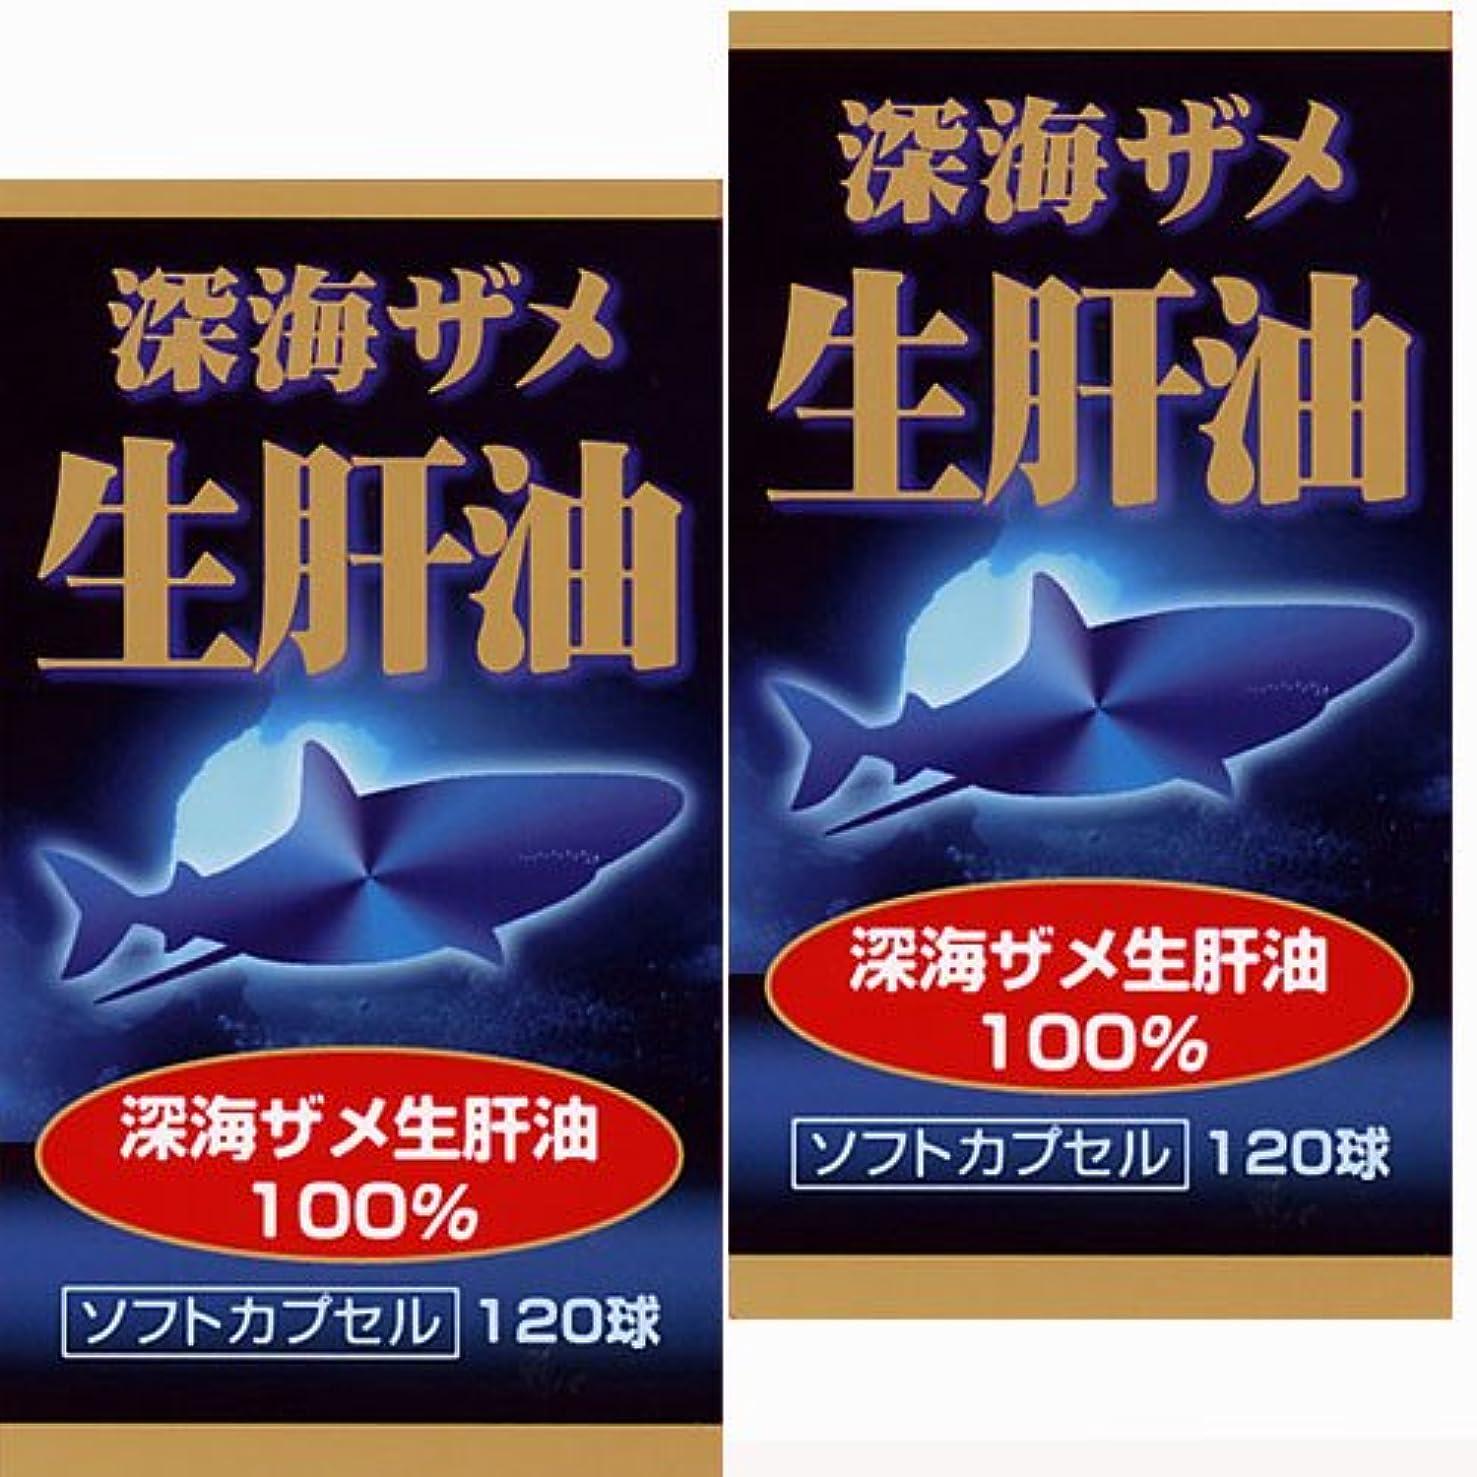 フレットクランプインスタント【2個】ユウキ製薬 深海ザメ生肝油 30日分 120球x2個 (4524326201065-2)